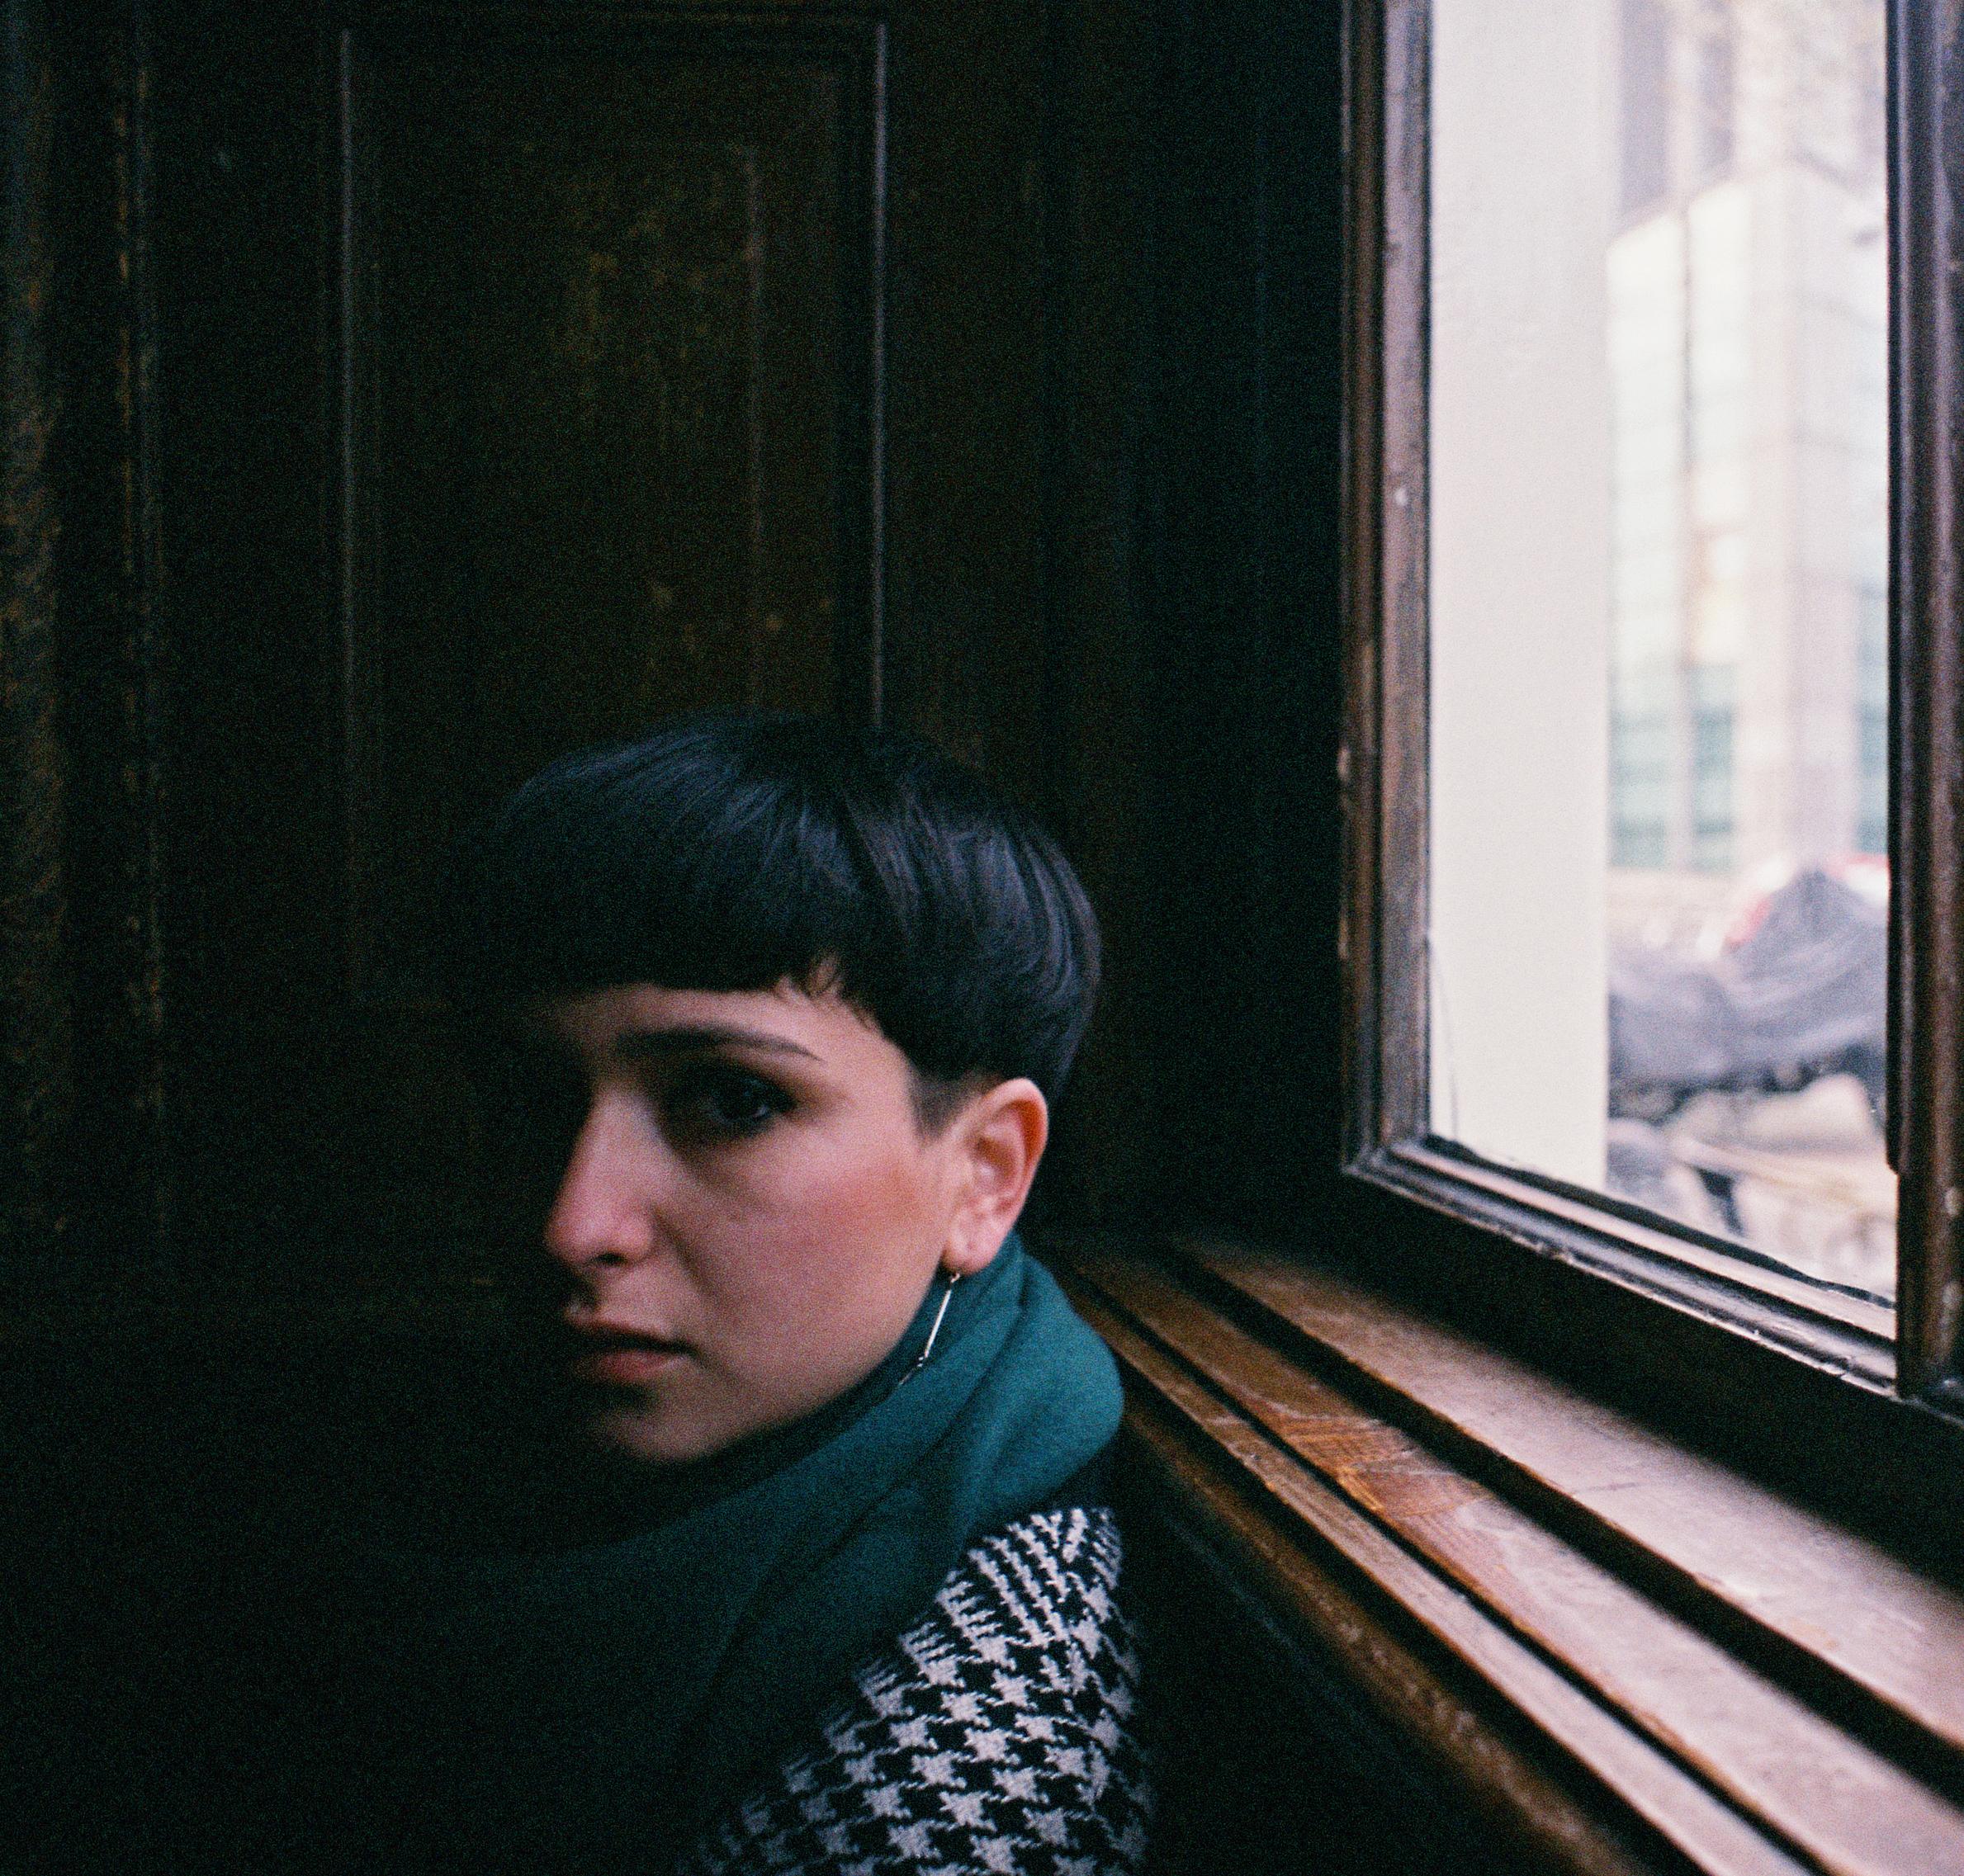 Cristina Hanes – Portrait 5 MB crop less